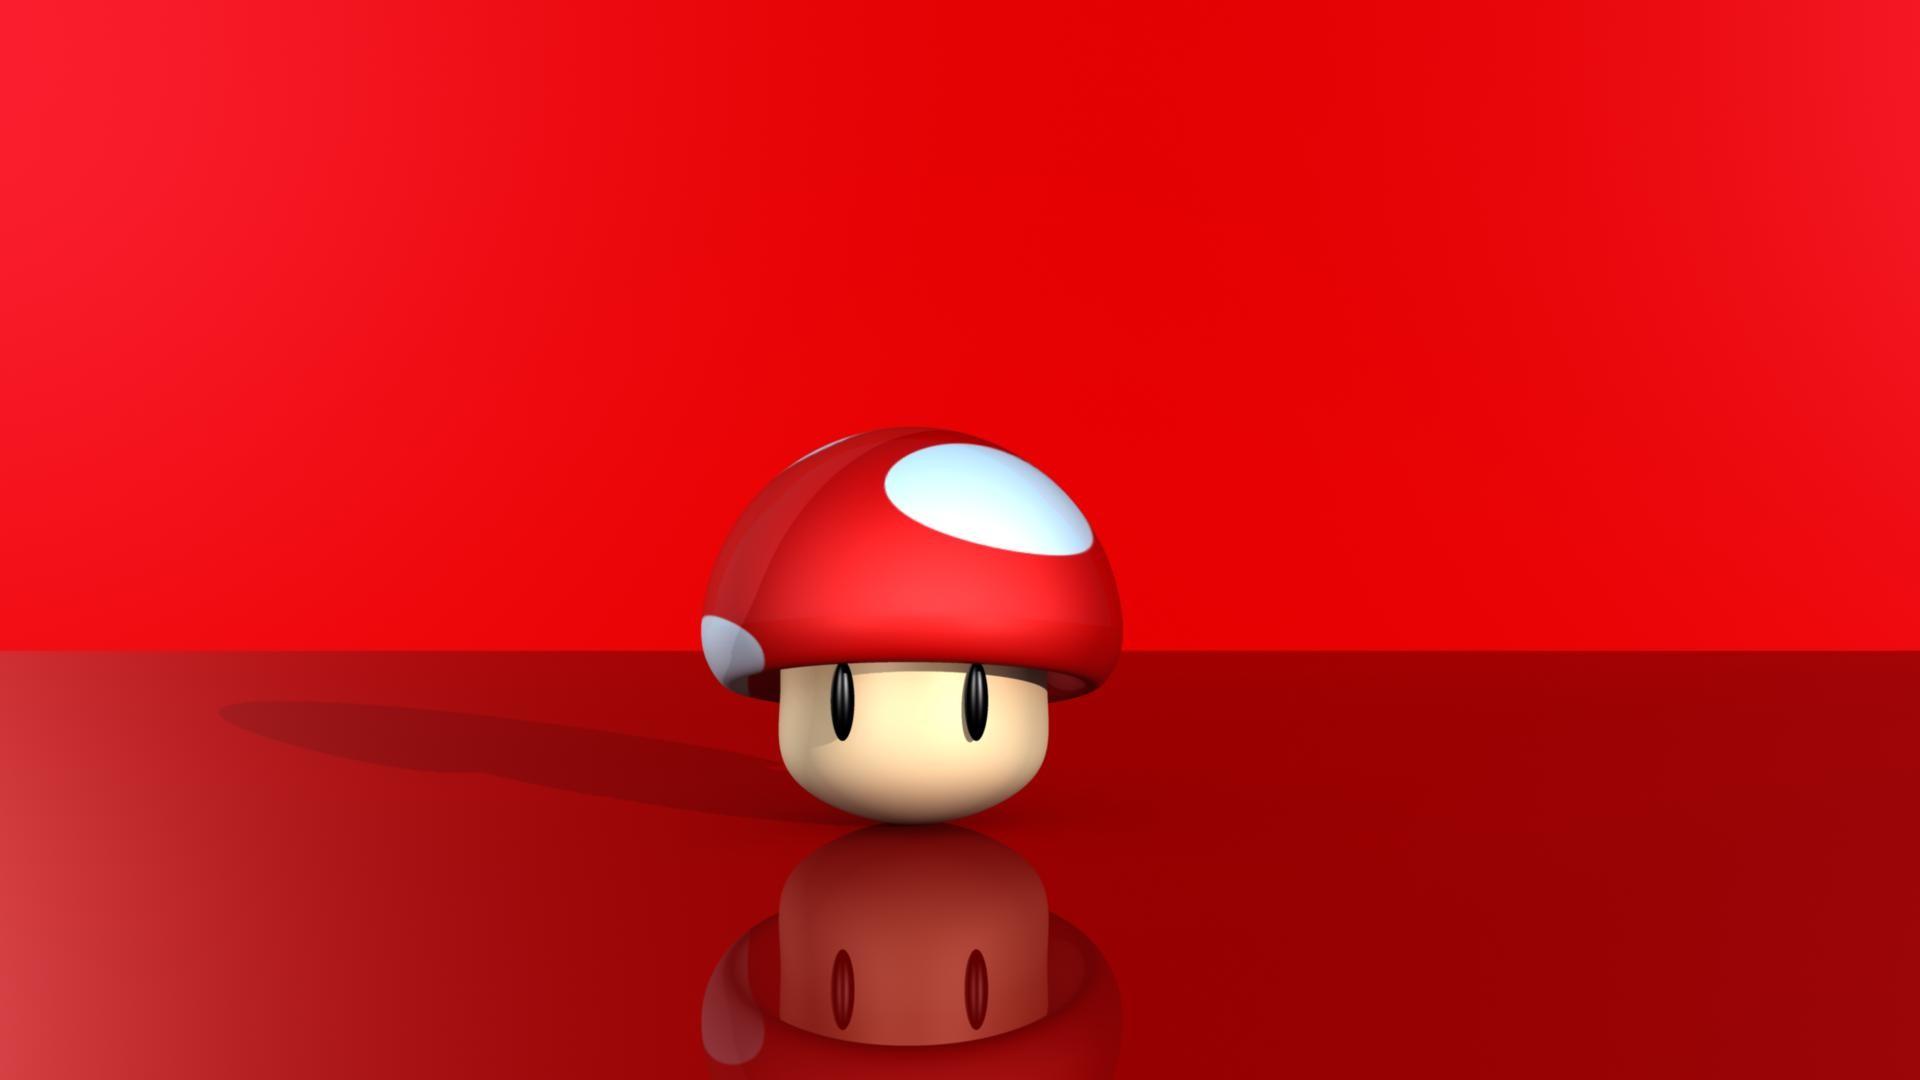 Res: 1920x1080, Mario Mushroom Wallpaper